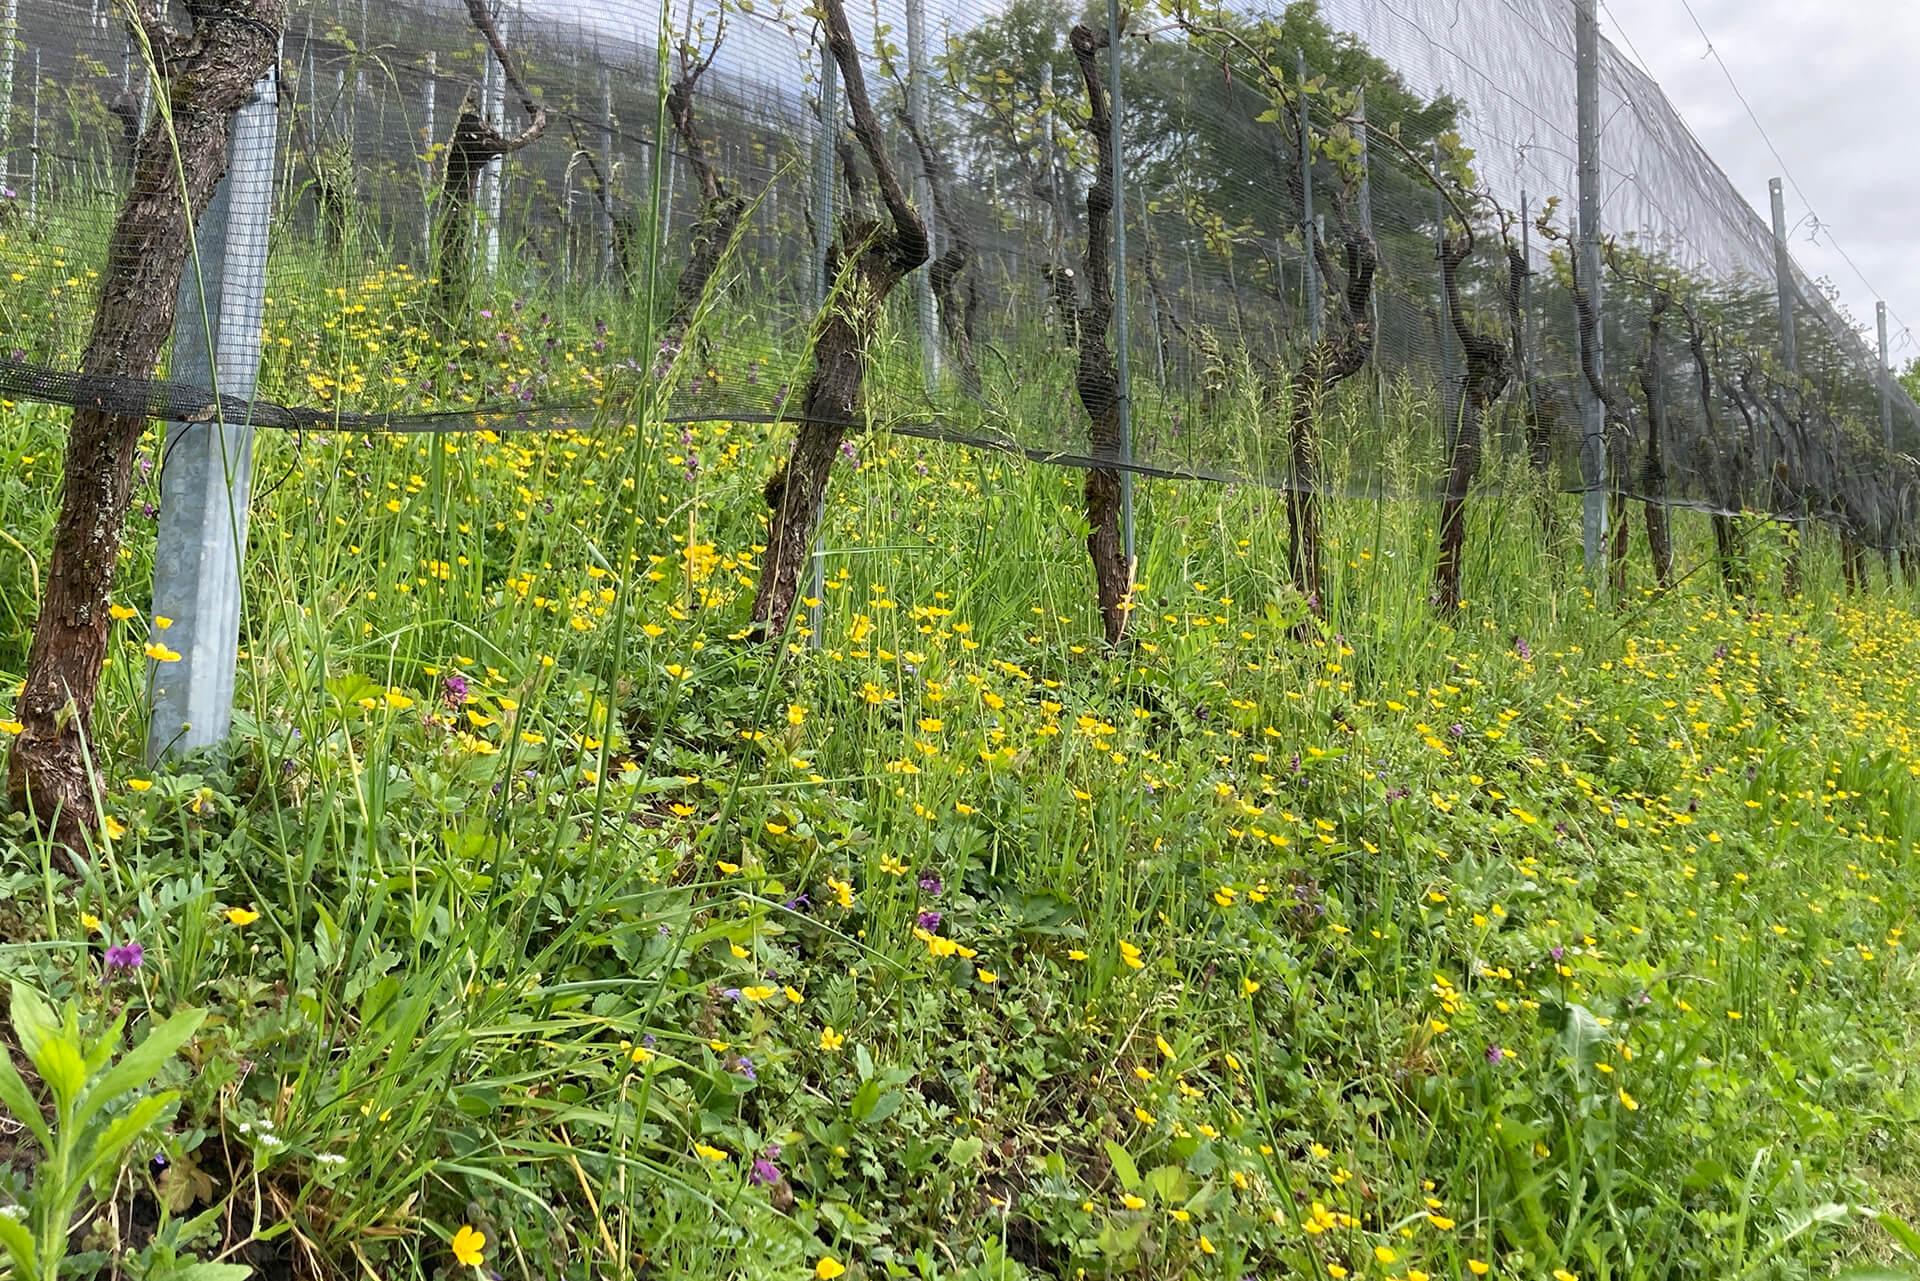 Bio-Rebberg der Martin Stiftung im Frühling mit vielen Blumen.